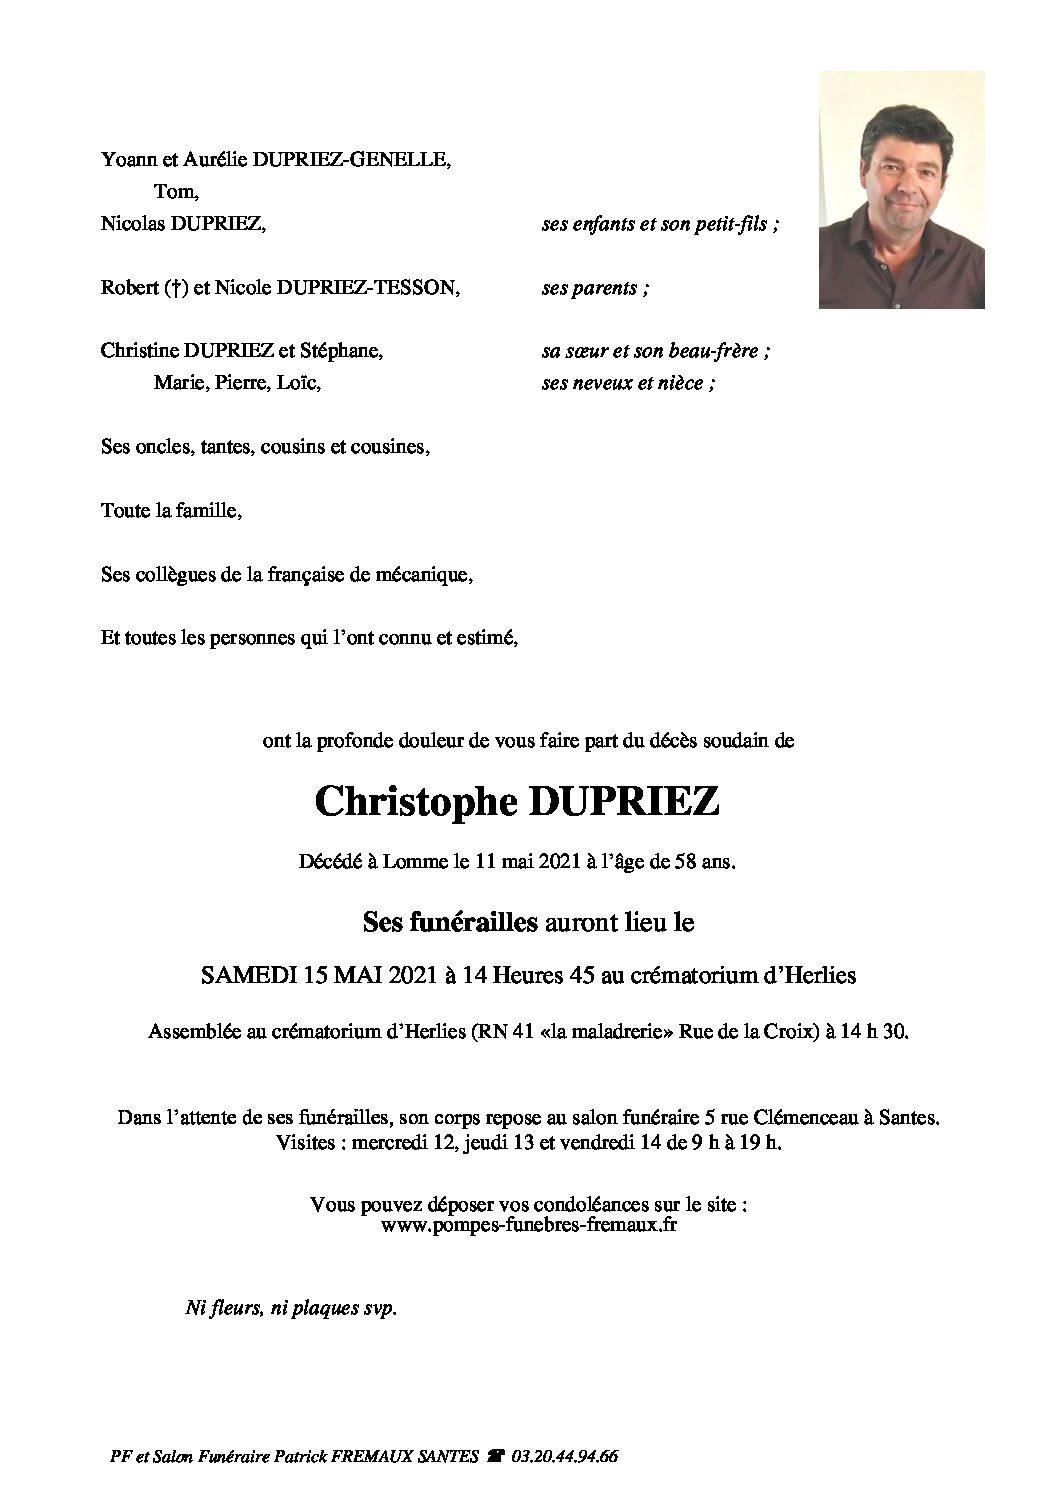 Monsieur Christophe DUPRIEZ